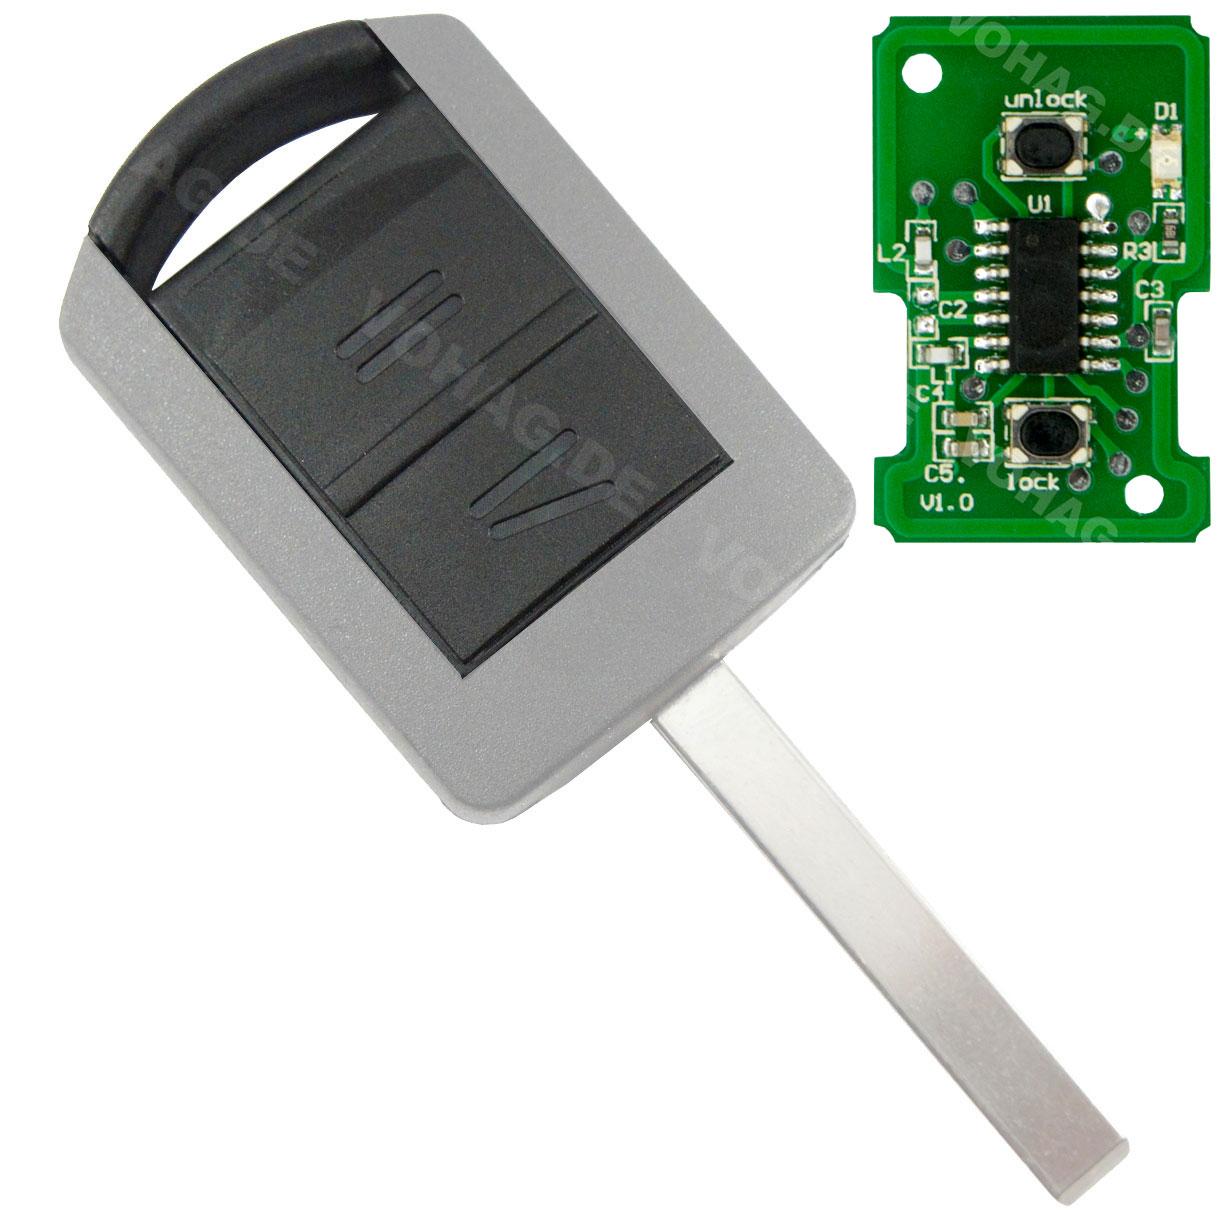 Opel- 2 Tasten Gehäuse 433 Mhz mit Elektronik für Autoschlüssel